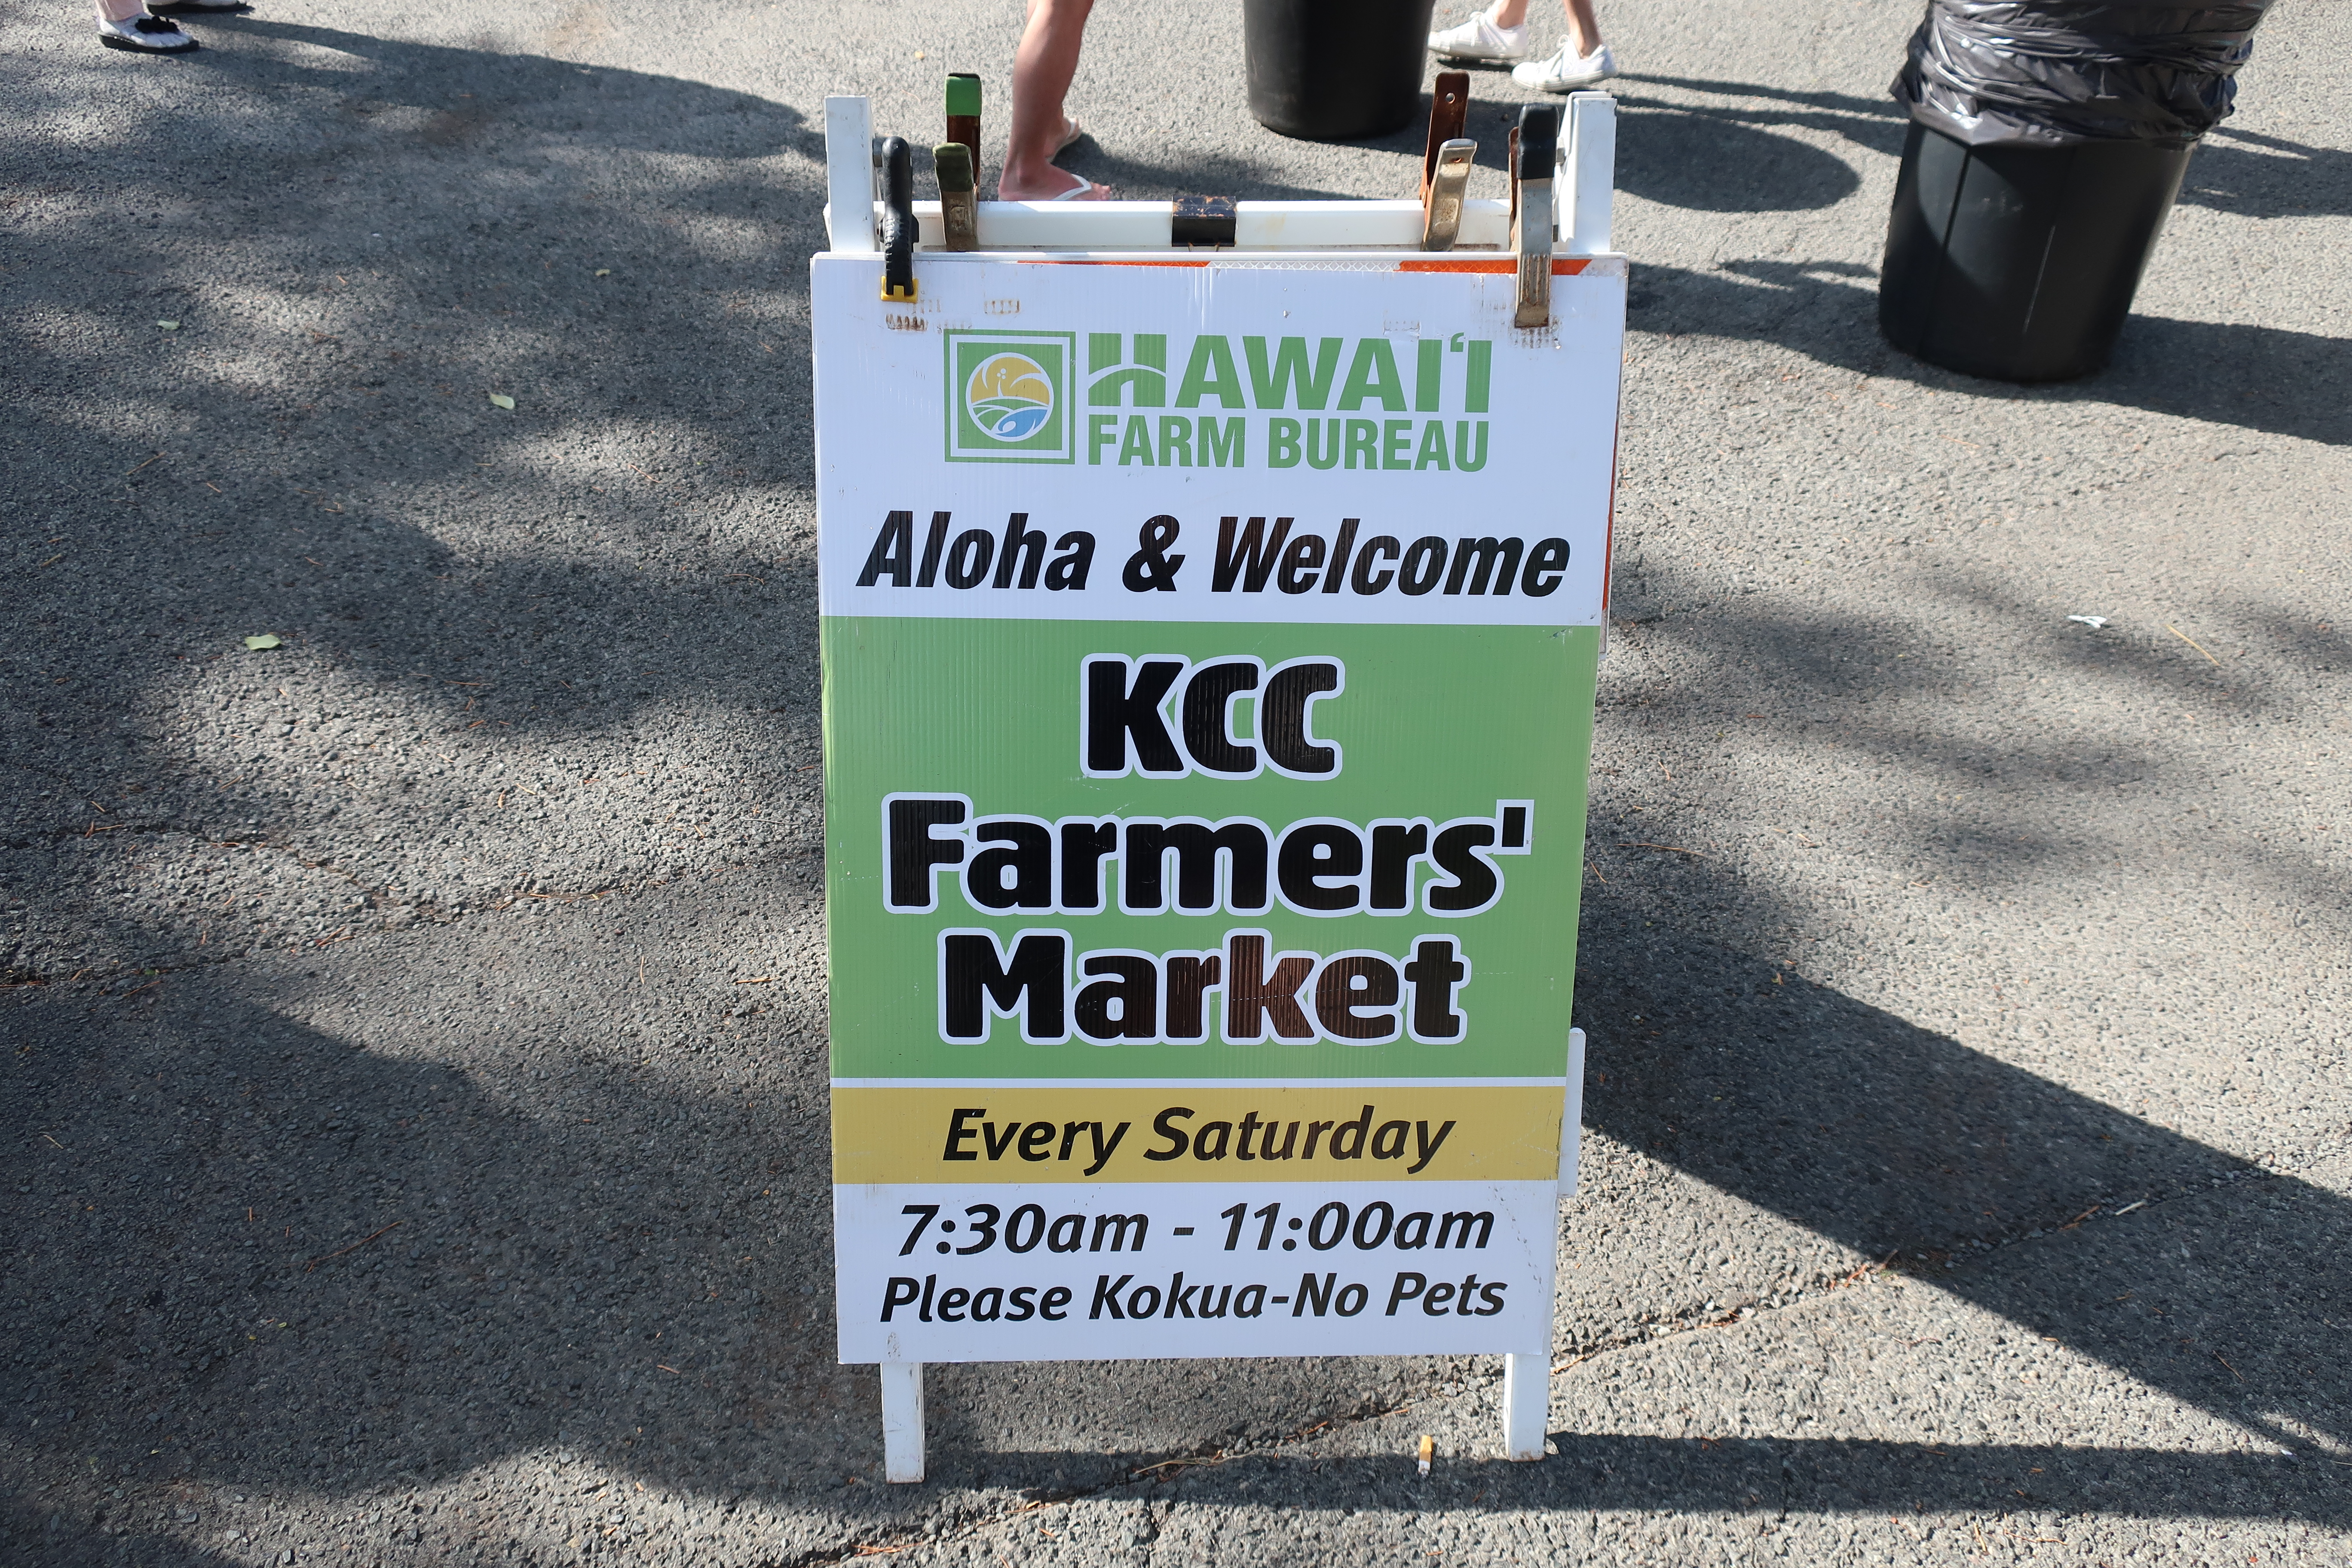 【ハワイ⑧】レアレアトロリーで土曜日限定KCCファーマーズ・マーケットに行ってみよう!